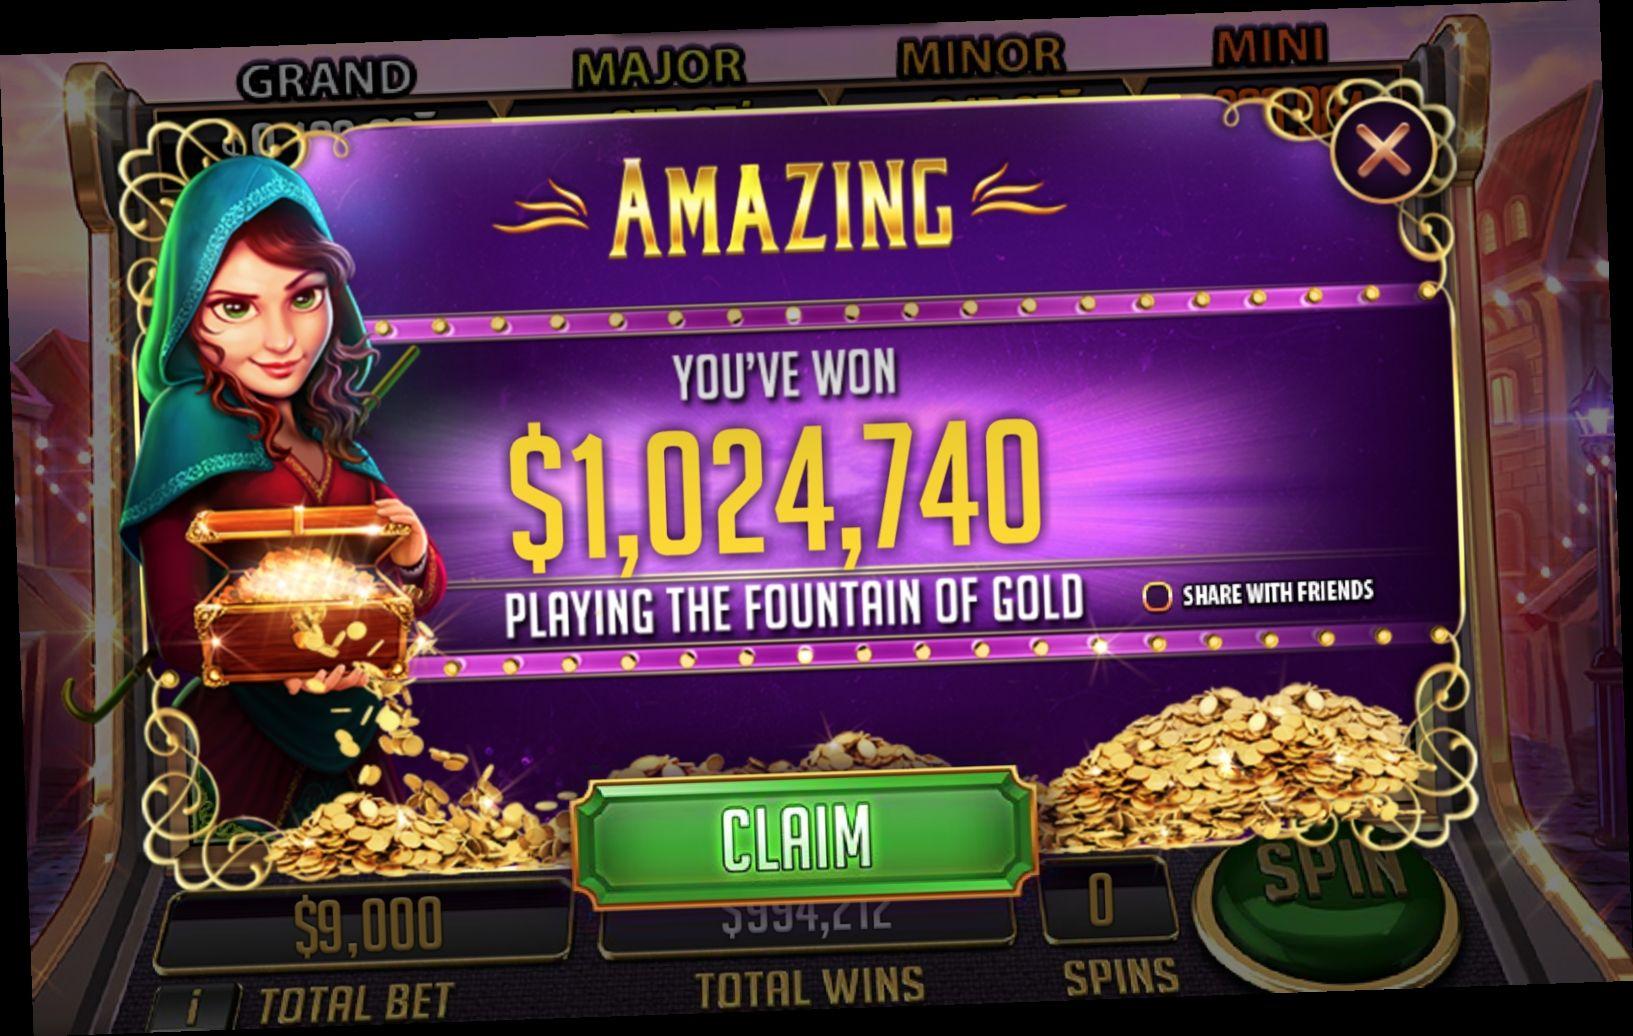 Huuuge casino facebook posts